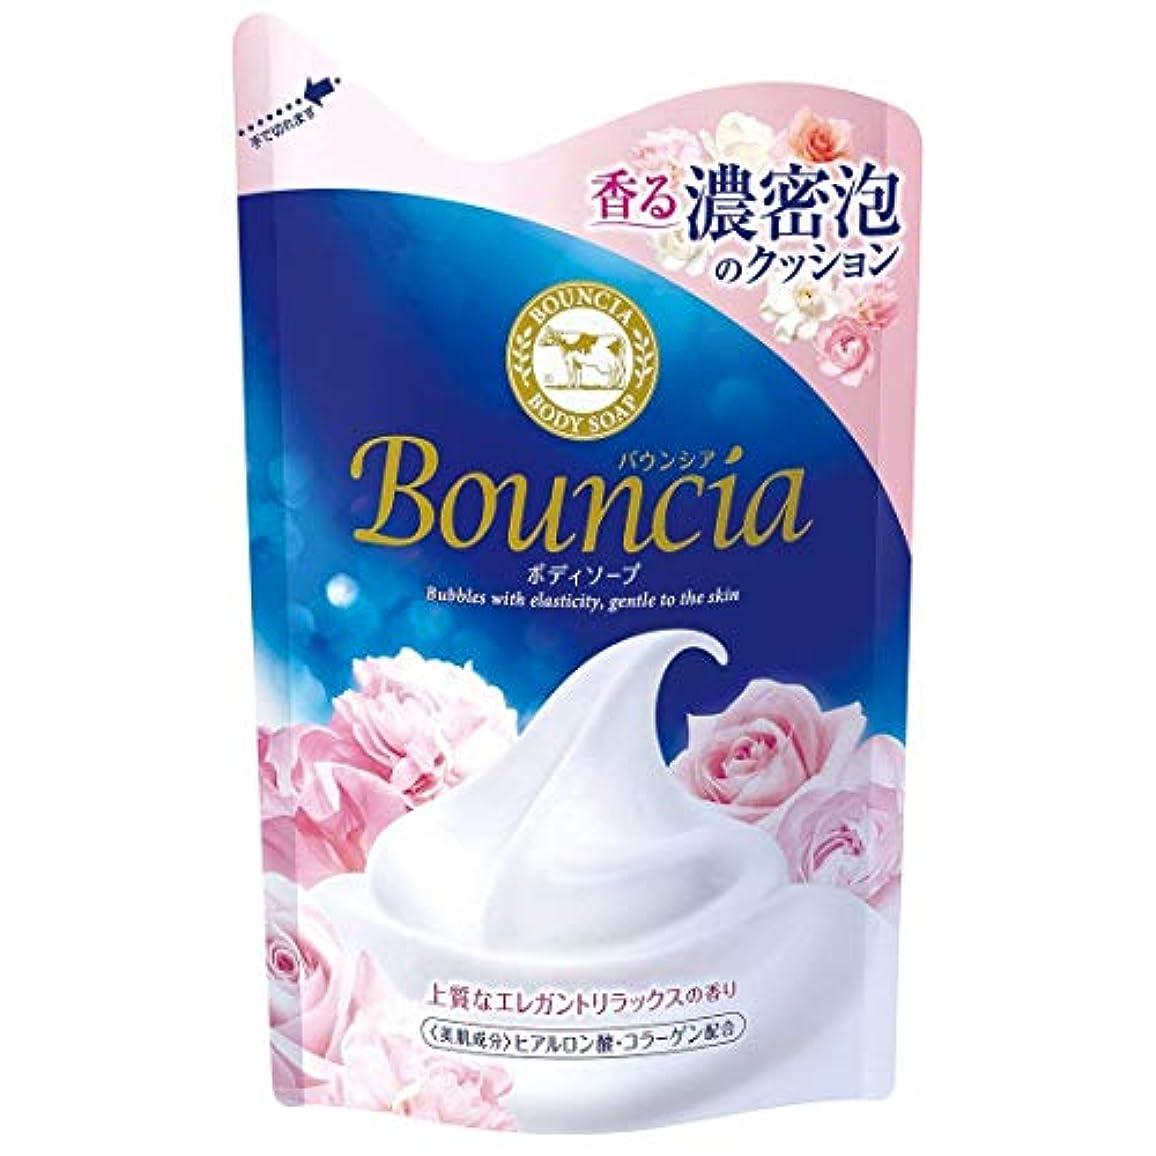 頼む努力逸話【まとめ買い】 バウンシア ボディソープ エレガントリラックスの香り つめかえ用 430ml × 3個